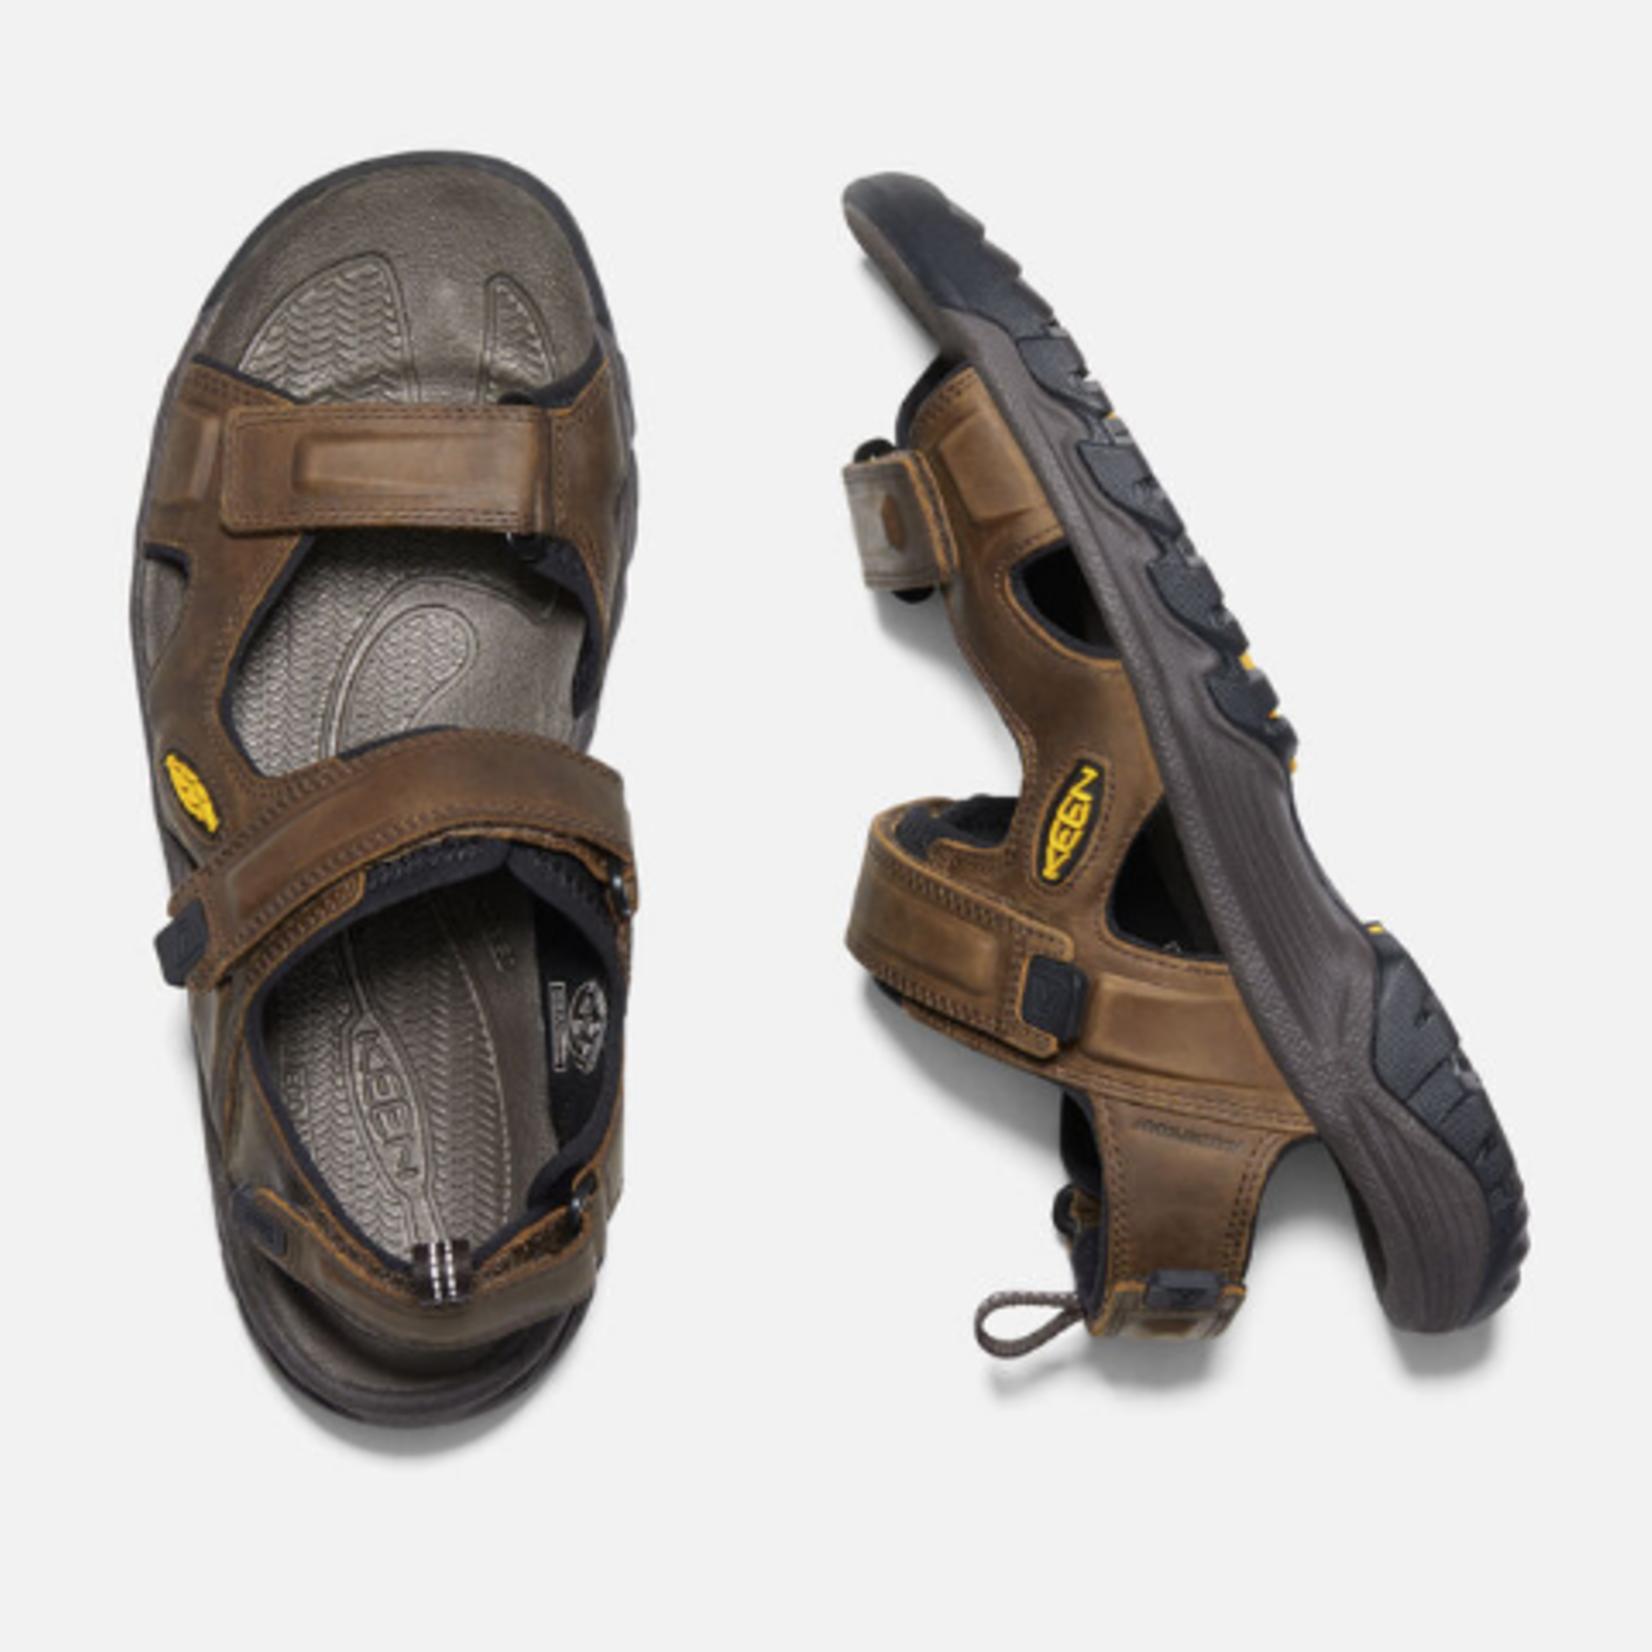 Keen Keen Targhee III Open Toe Sandal - P-137027